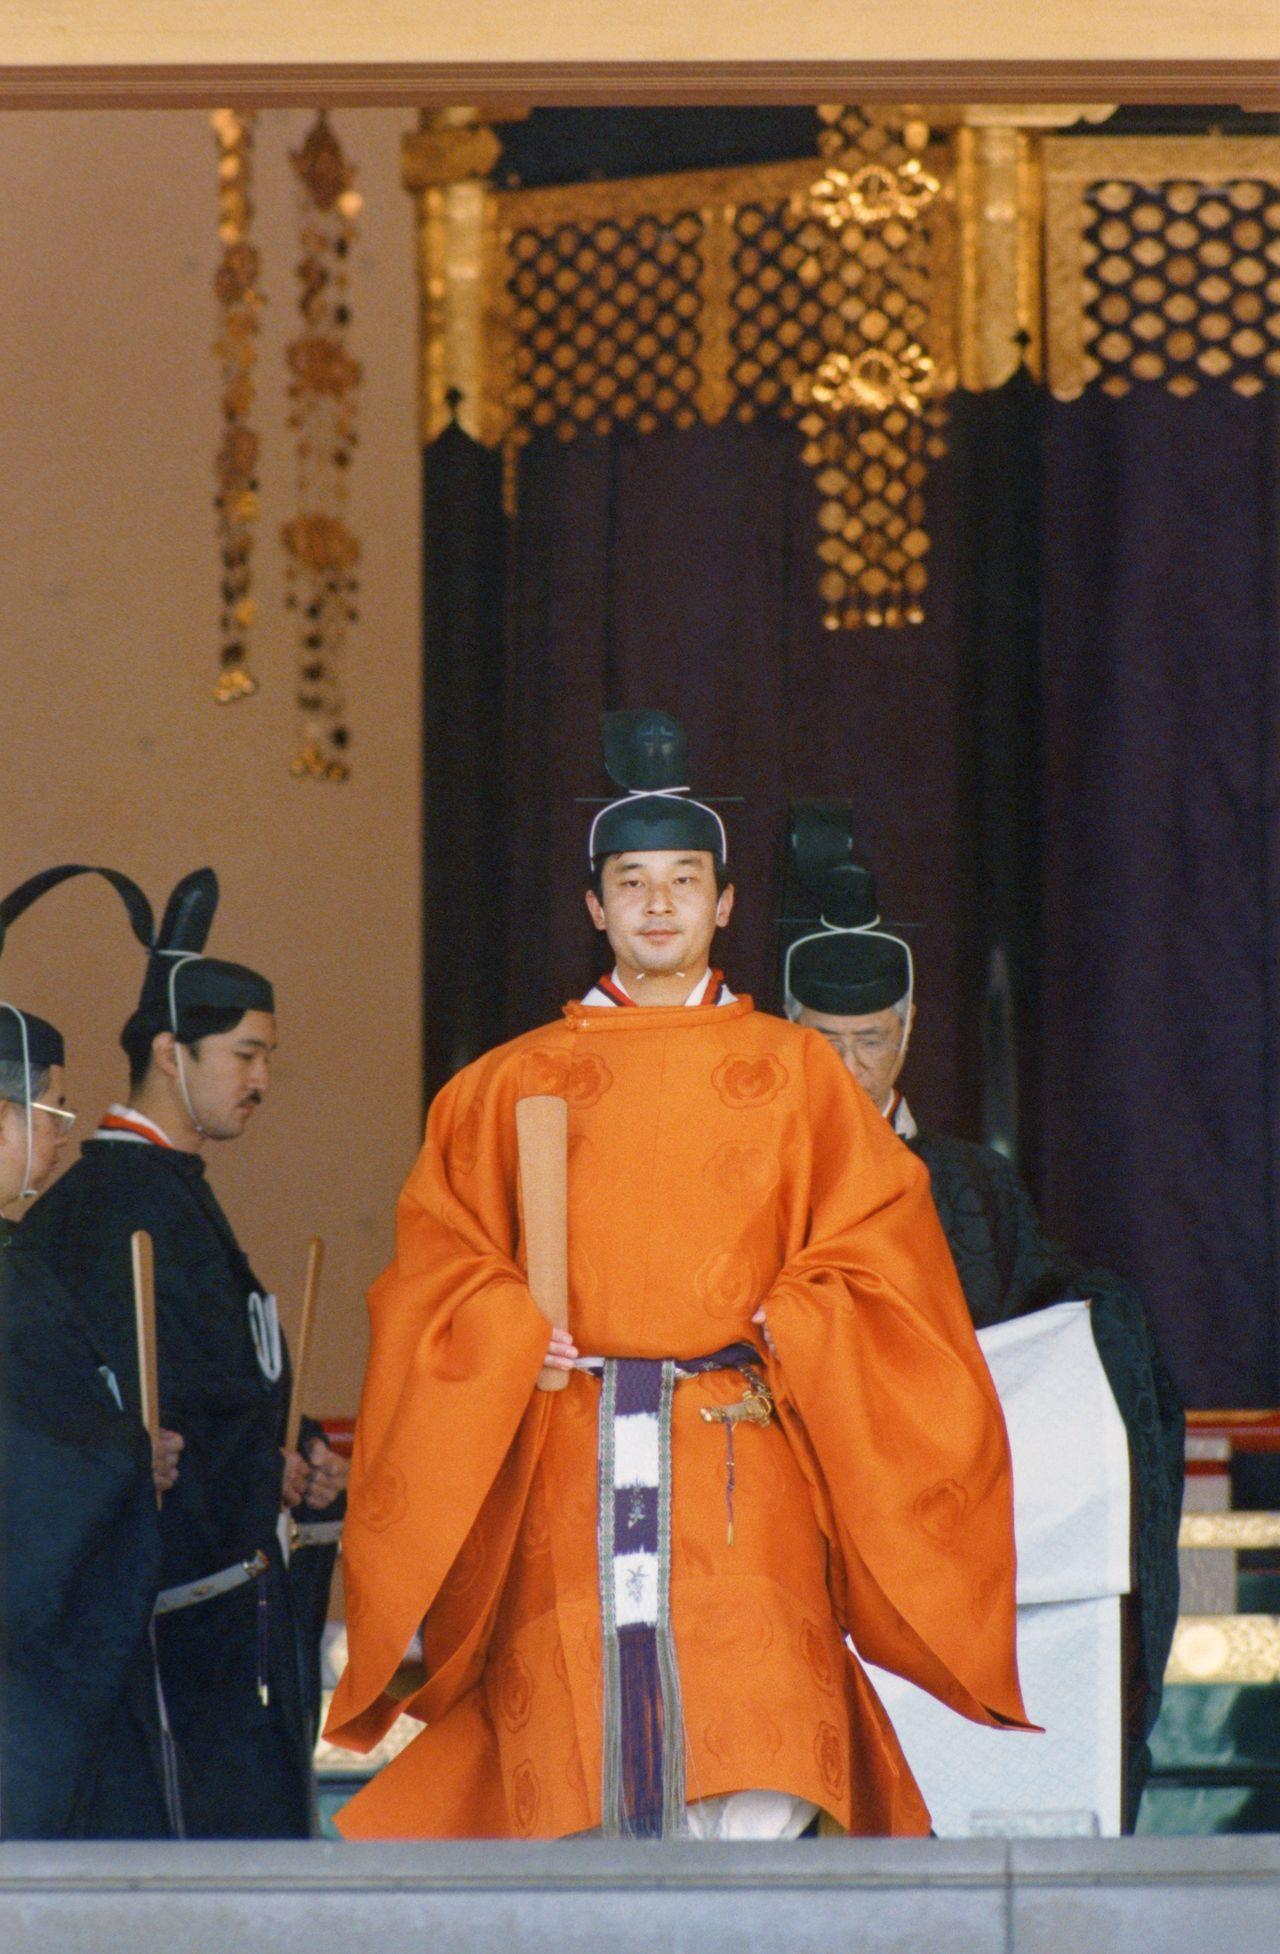 Наследный принц Нарухито (нынешний император) в церемониальной одежде онинохо во время церемонии Сокуирэй Сэйдэн-но ги. 12 ноября 1990 г., зал Мацу-но ма (Jiji Press)